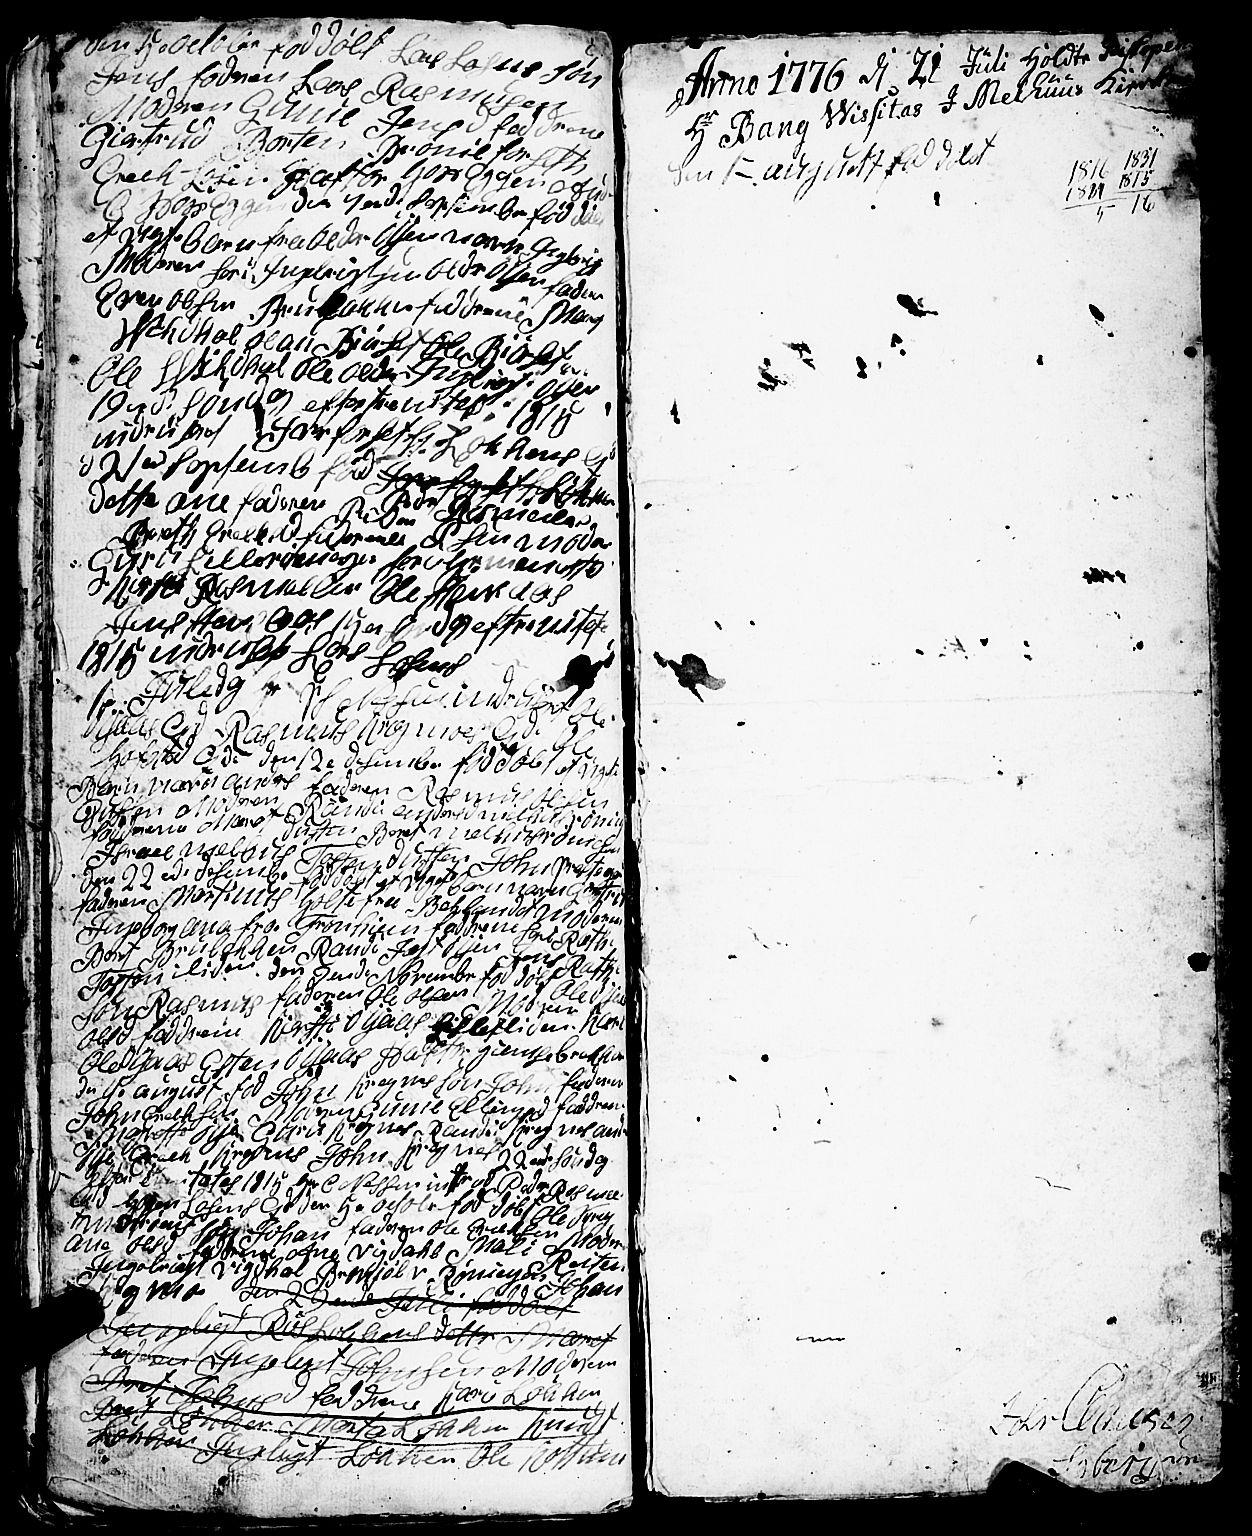 SAT, Ministerialprotokoller, klokkerbøker og fødselsregistre - Sør-Trøndelag, 691/L1091: Klokkerbok nr. 691C02, 1802-1815, s. 42